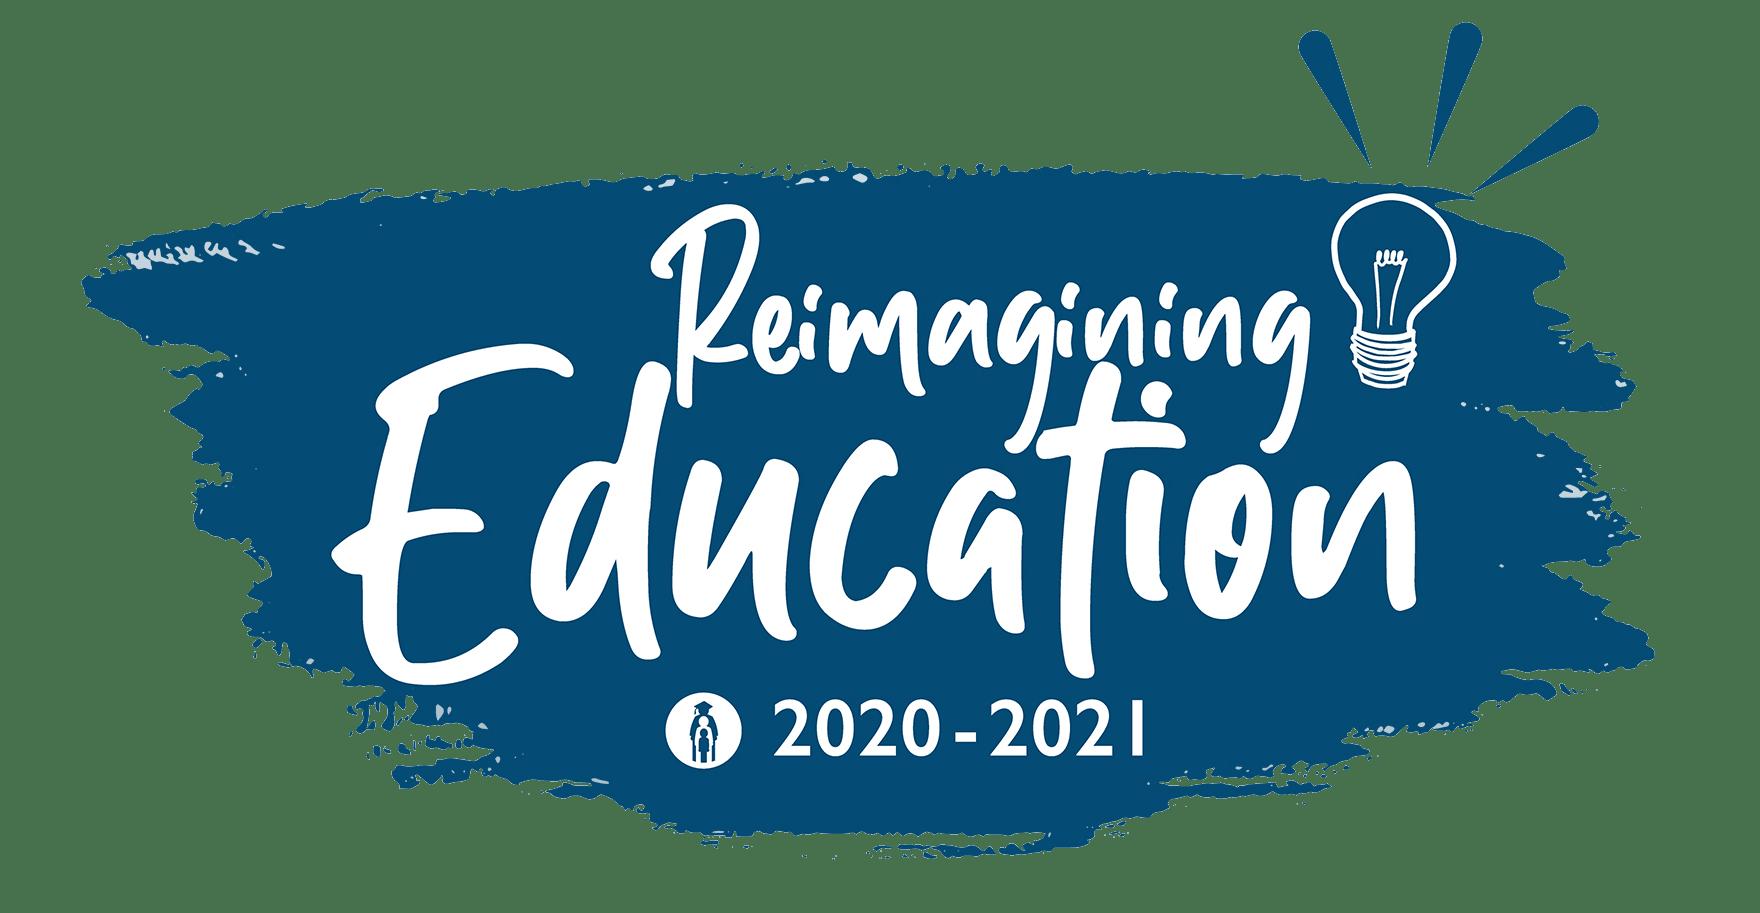 Reimagining Education